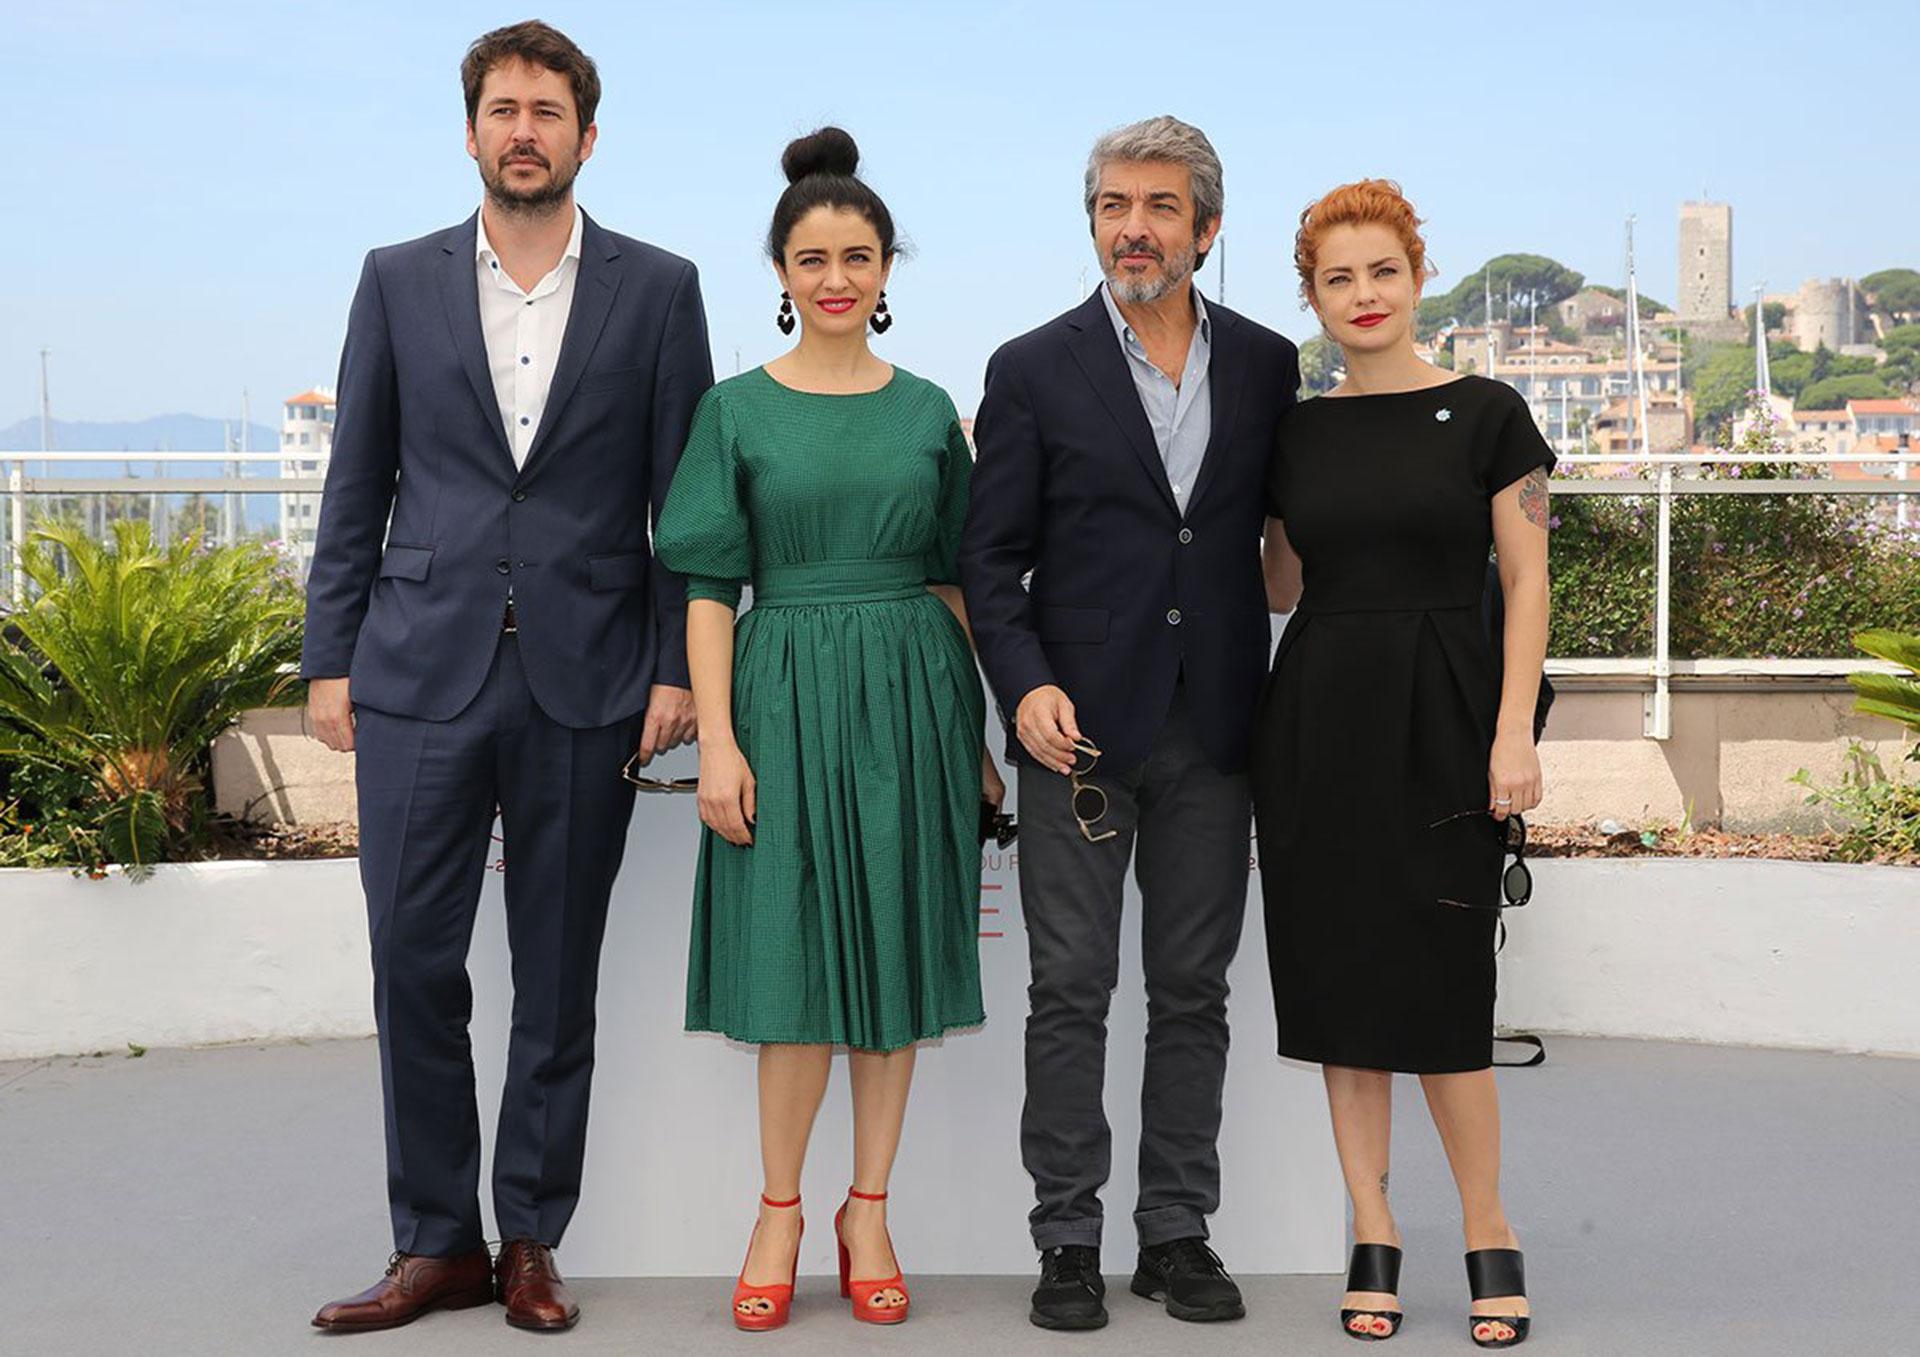 Santiago Mitre, Erica Rivas, Ricardo Darin y Dolores Fonzi, en Cannes